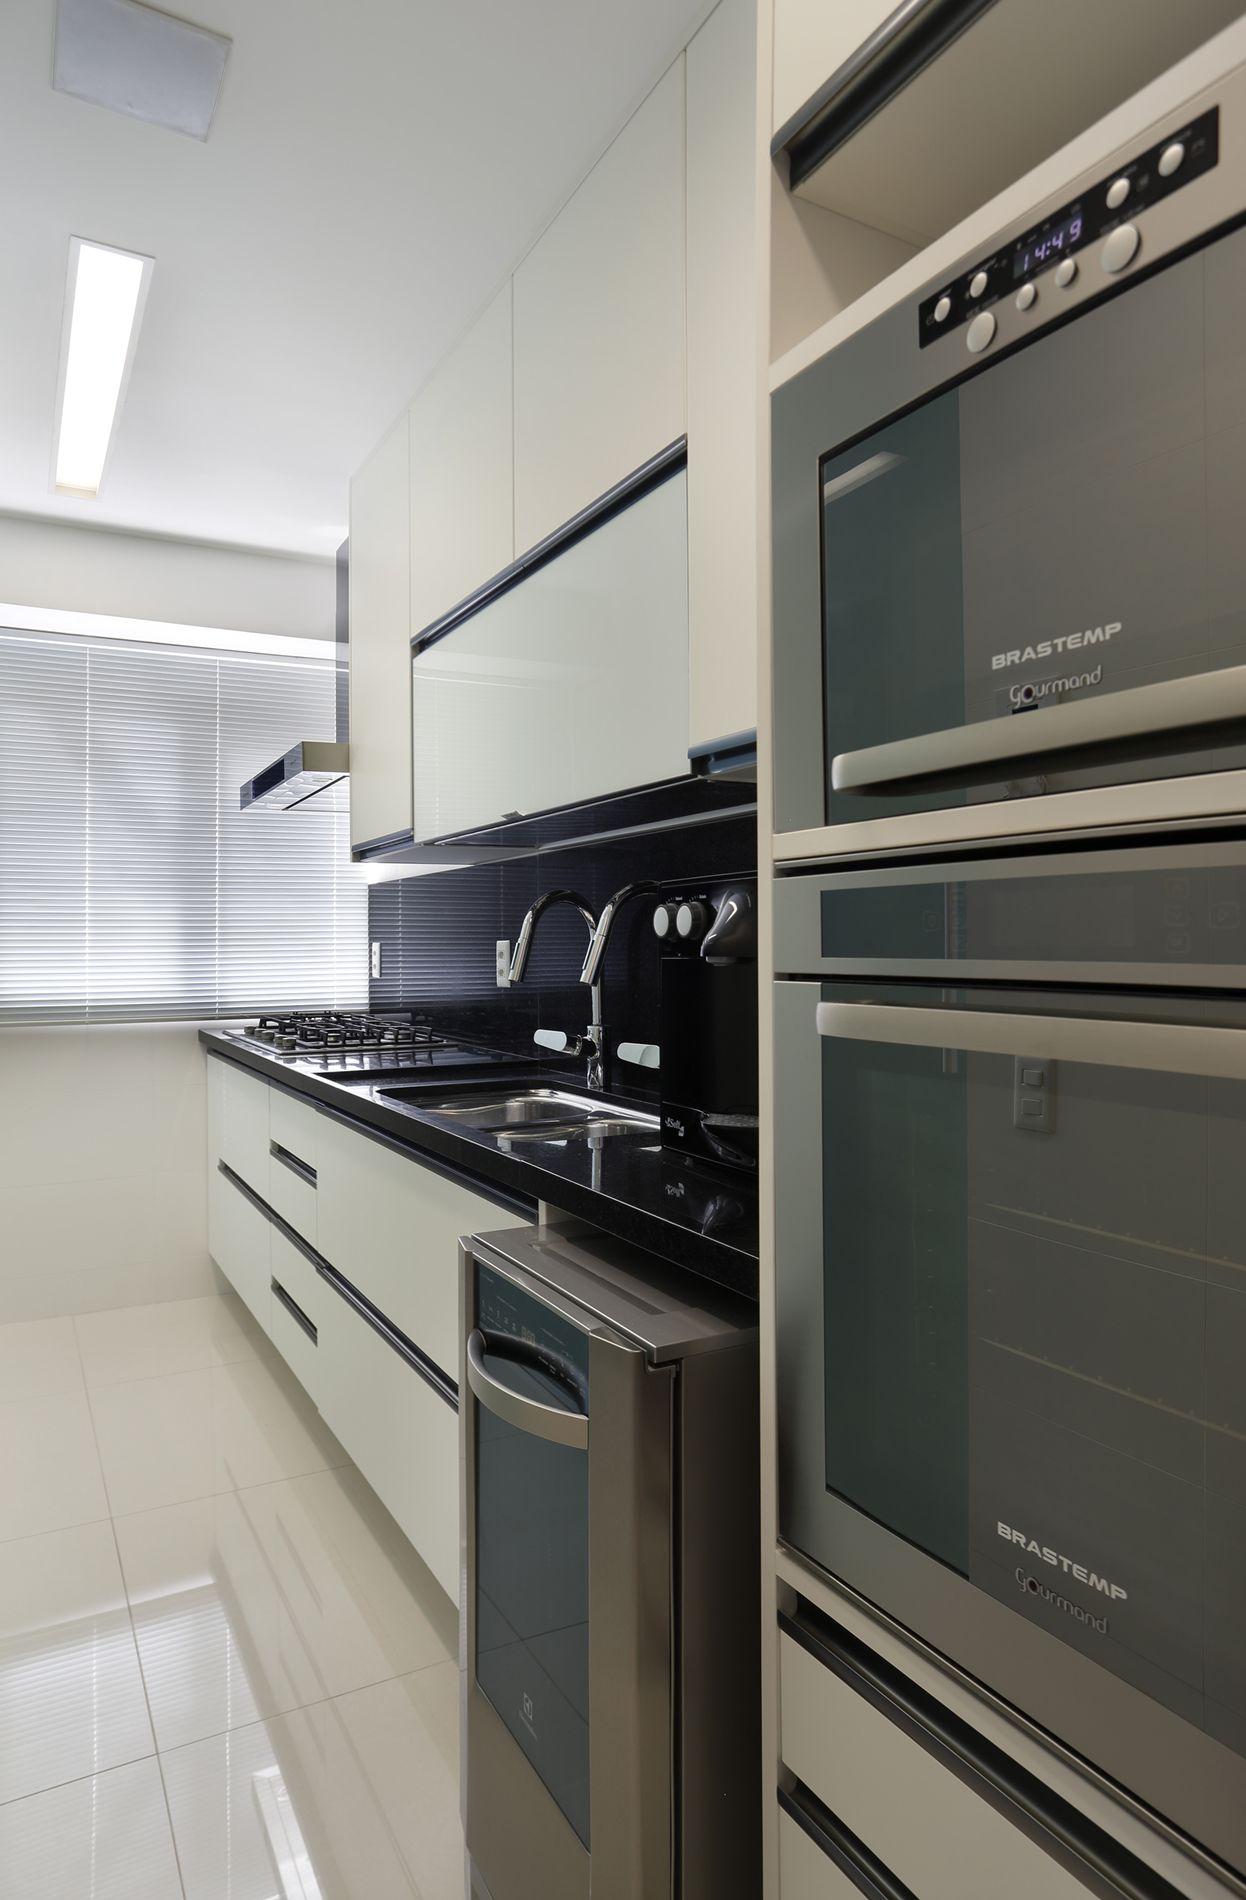 Projeto de Arquitetura e Decoração para Cozinhas em Apartamentos Rj #726959 1246 1900